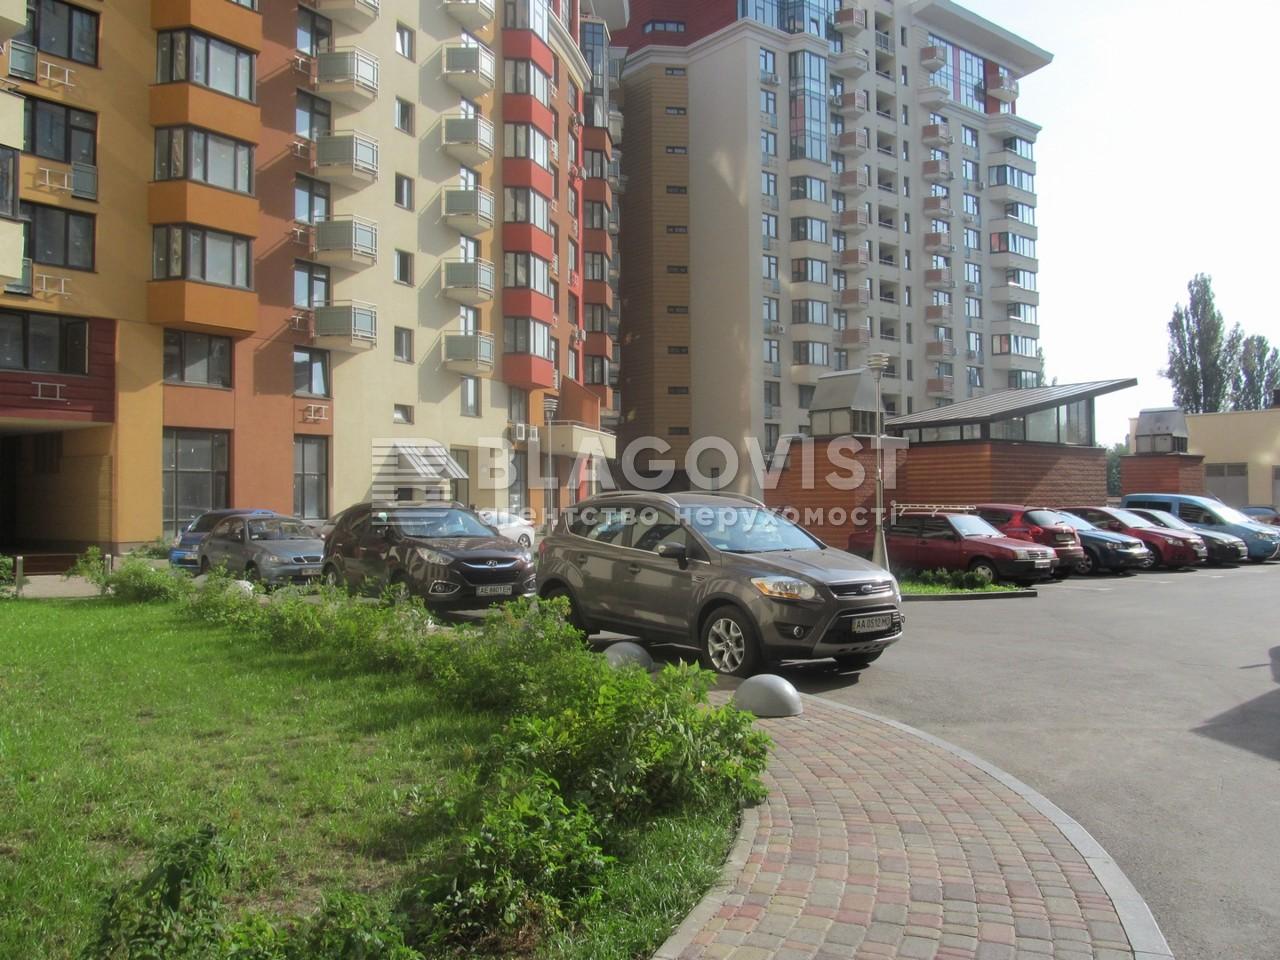 Квартира A-110207, Ломоносова, 71г, Київ - Фото 3